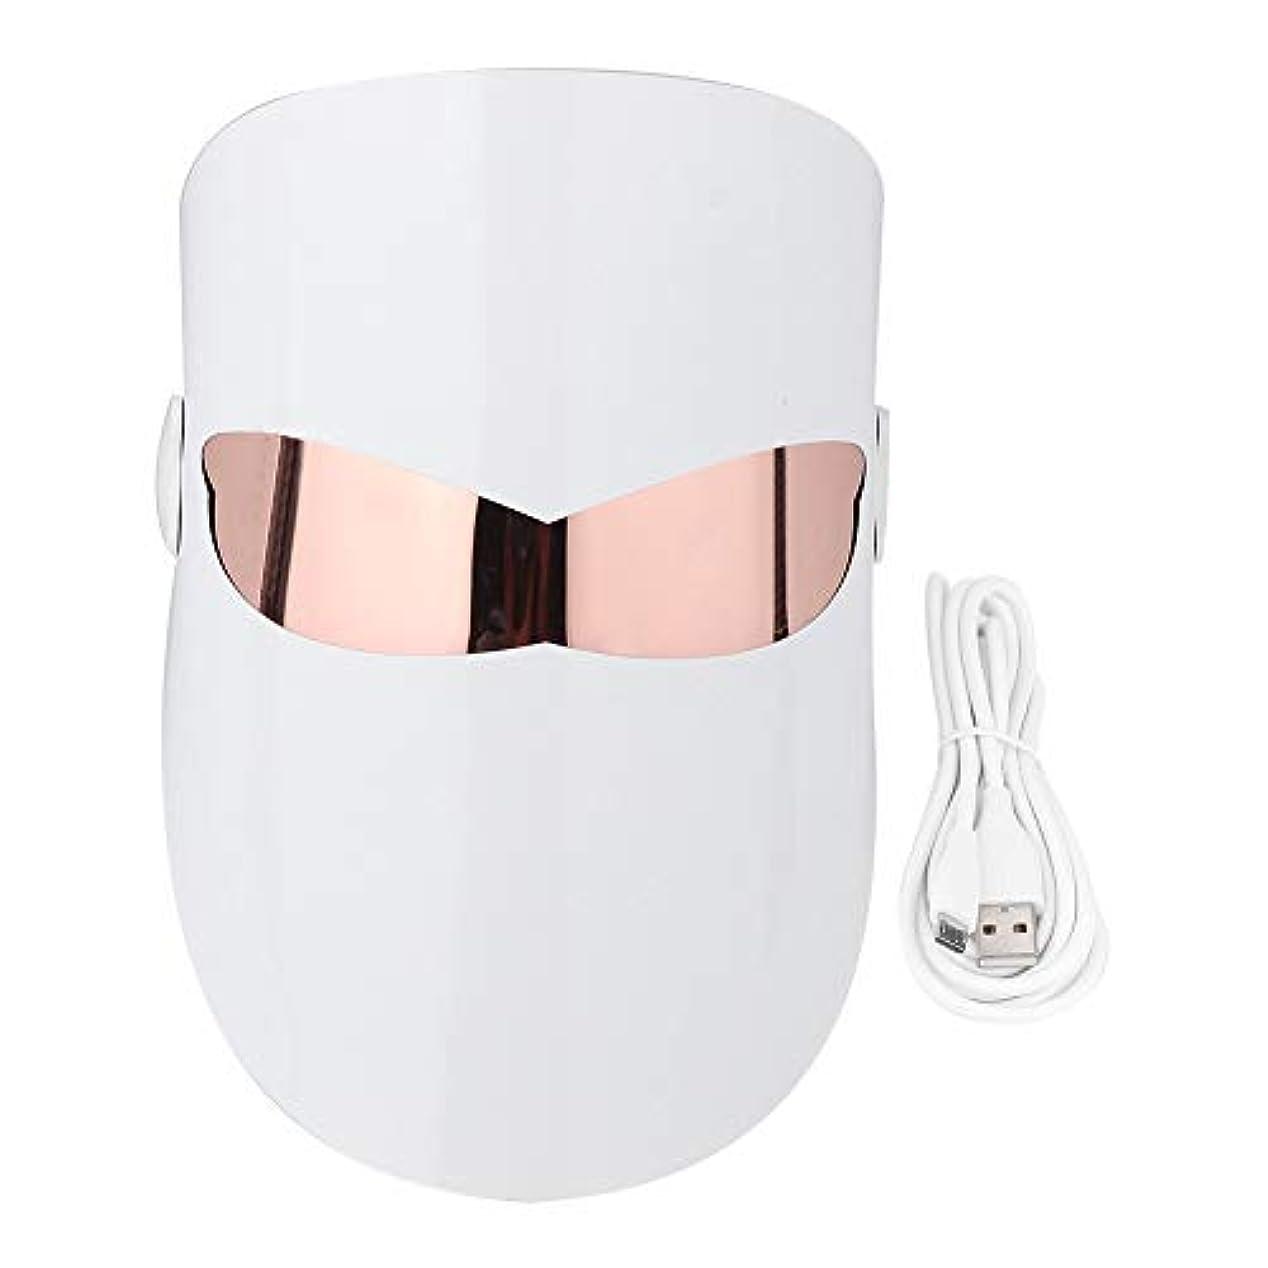 承知しました謙虚な暴動Photon 32 LEDライトフェイスマスクホワイトニングリジュビネーションマッサージ栄養コラーゲン回復にきび除去スパ美容機器フェイス&ネックスキンケアマスク